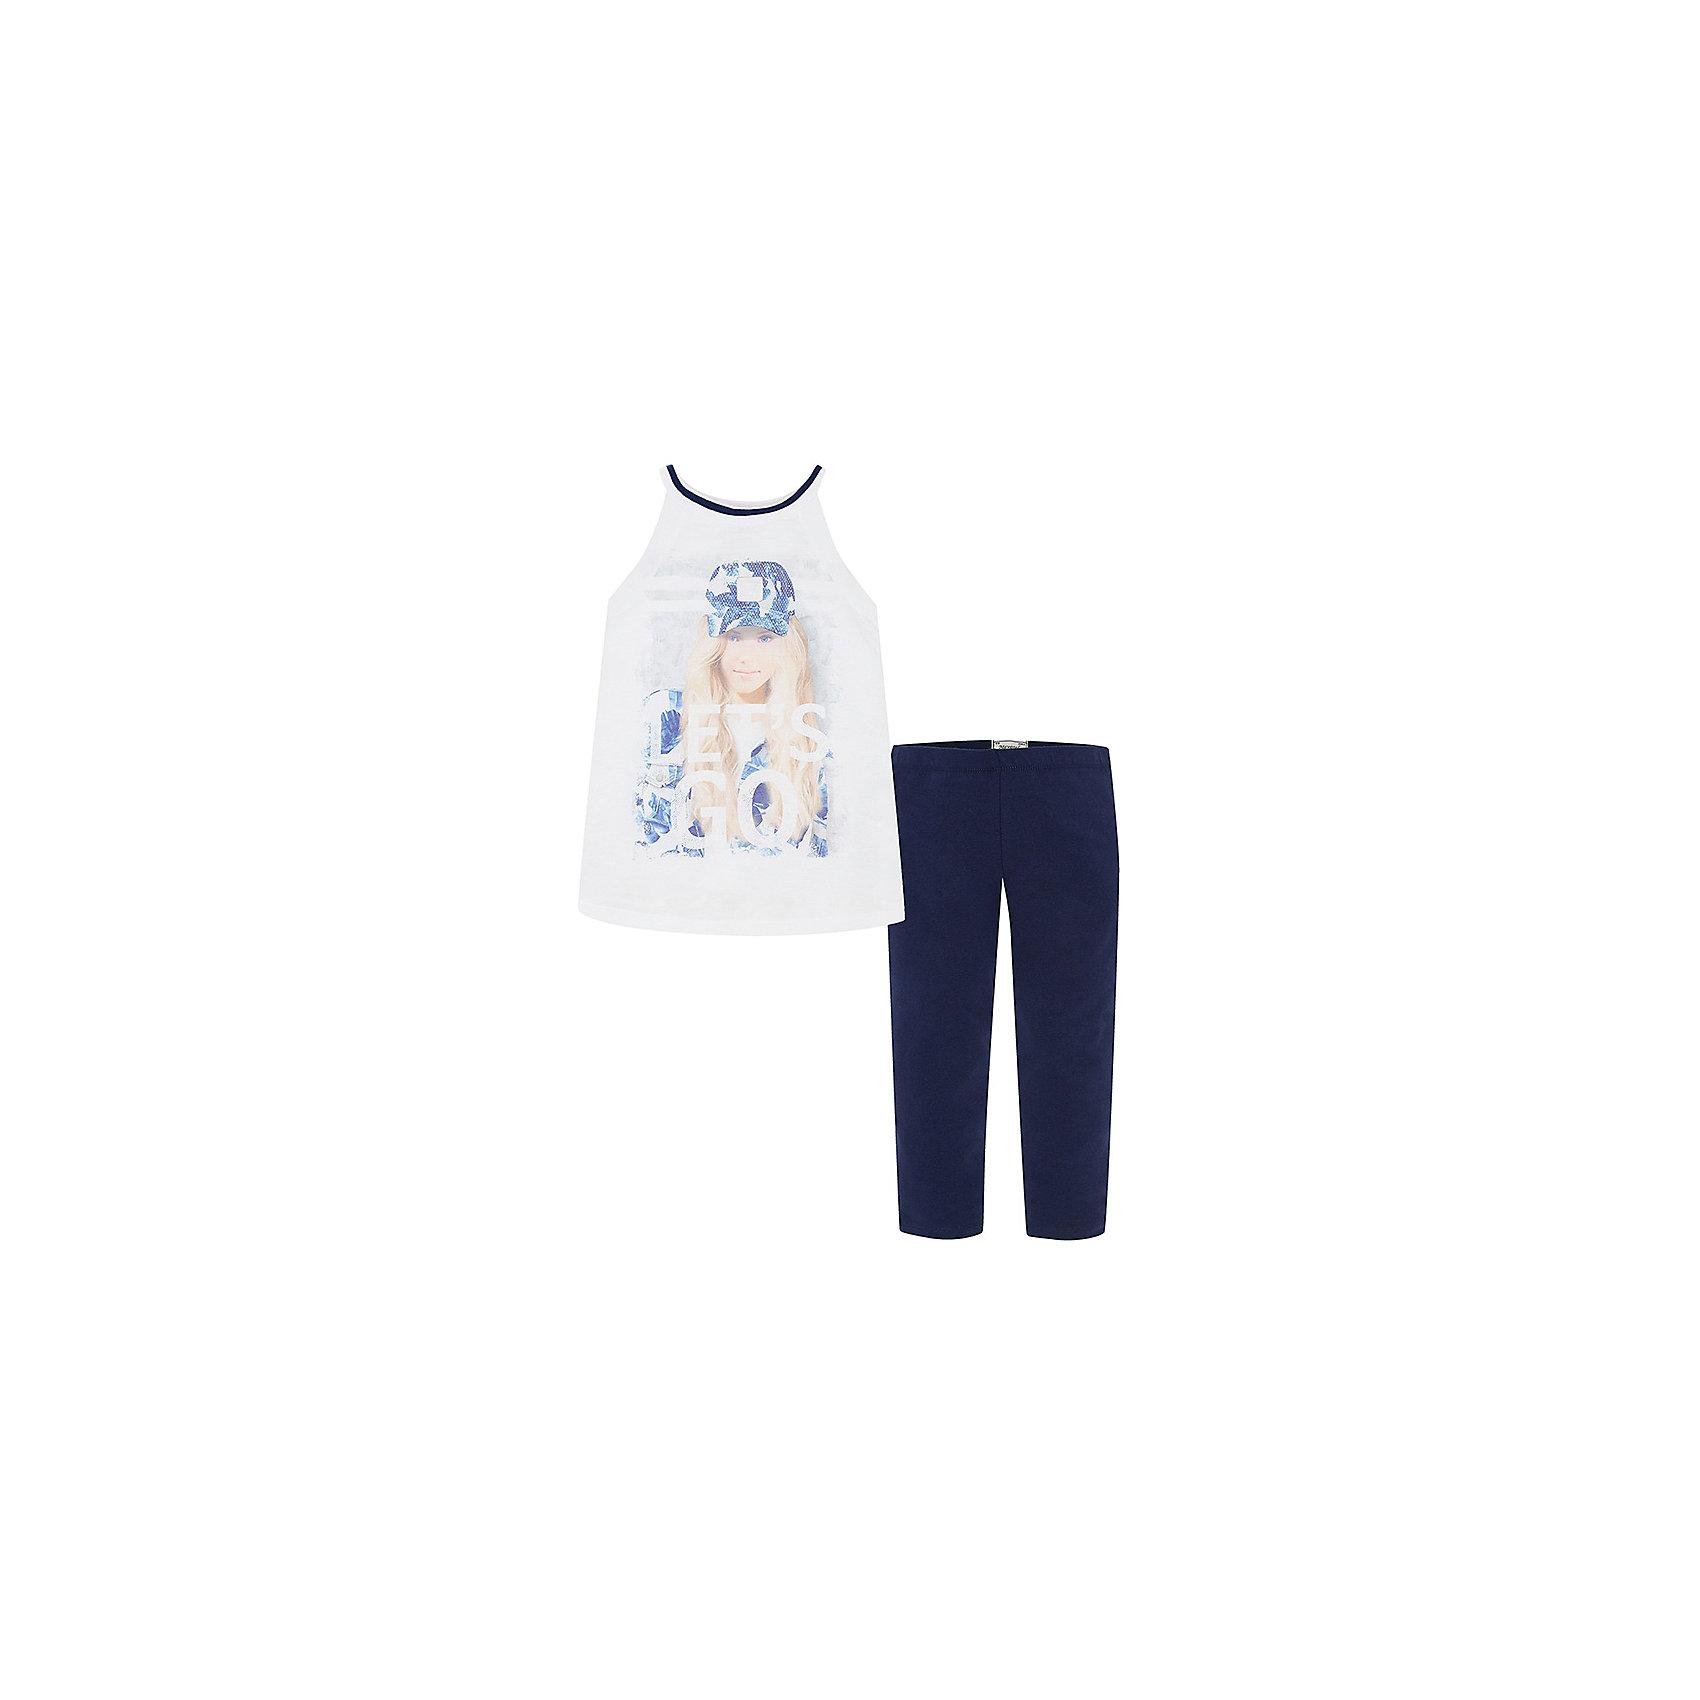 Комплект для девочки: леггинсы и майка MayoralКомплекты<br>Комплект: леггинсы и футболка для девочки от испанской марки Mayoral приведет в восторг юных модниц и займет достойное место в летнем гардеробе. <br><br>Дополнительная информация:<br><br>- Футболка без рукавов.<br>- Контрастная отделка горловины.<br>- Актуальный печатный принт.<br>- Леггинсы на эластичном поясе с резинкой.<br>- Отлично смотрятся на фигуре.<br>- Состав: 100% полиэстер.<br><br>Комплект: леггинсы и футболку для девочки Mayoral (Майорал) можно купить в нашем магазине.<br><br>Ширина мм: 123<br>Глубина мм: 10<br>Высота мм: 149<br>Вес г: 209<br>Цвет: синий<br>Возраст от месяцев: 84<br>Возраст до месяцев: 96<br>Пол: Женский<br>Возраст: Детский<br>Размер: 128,170,164,158,152,140<br>SKU: 4543504